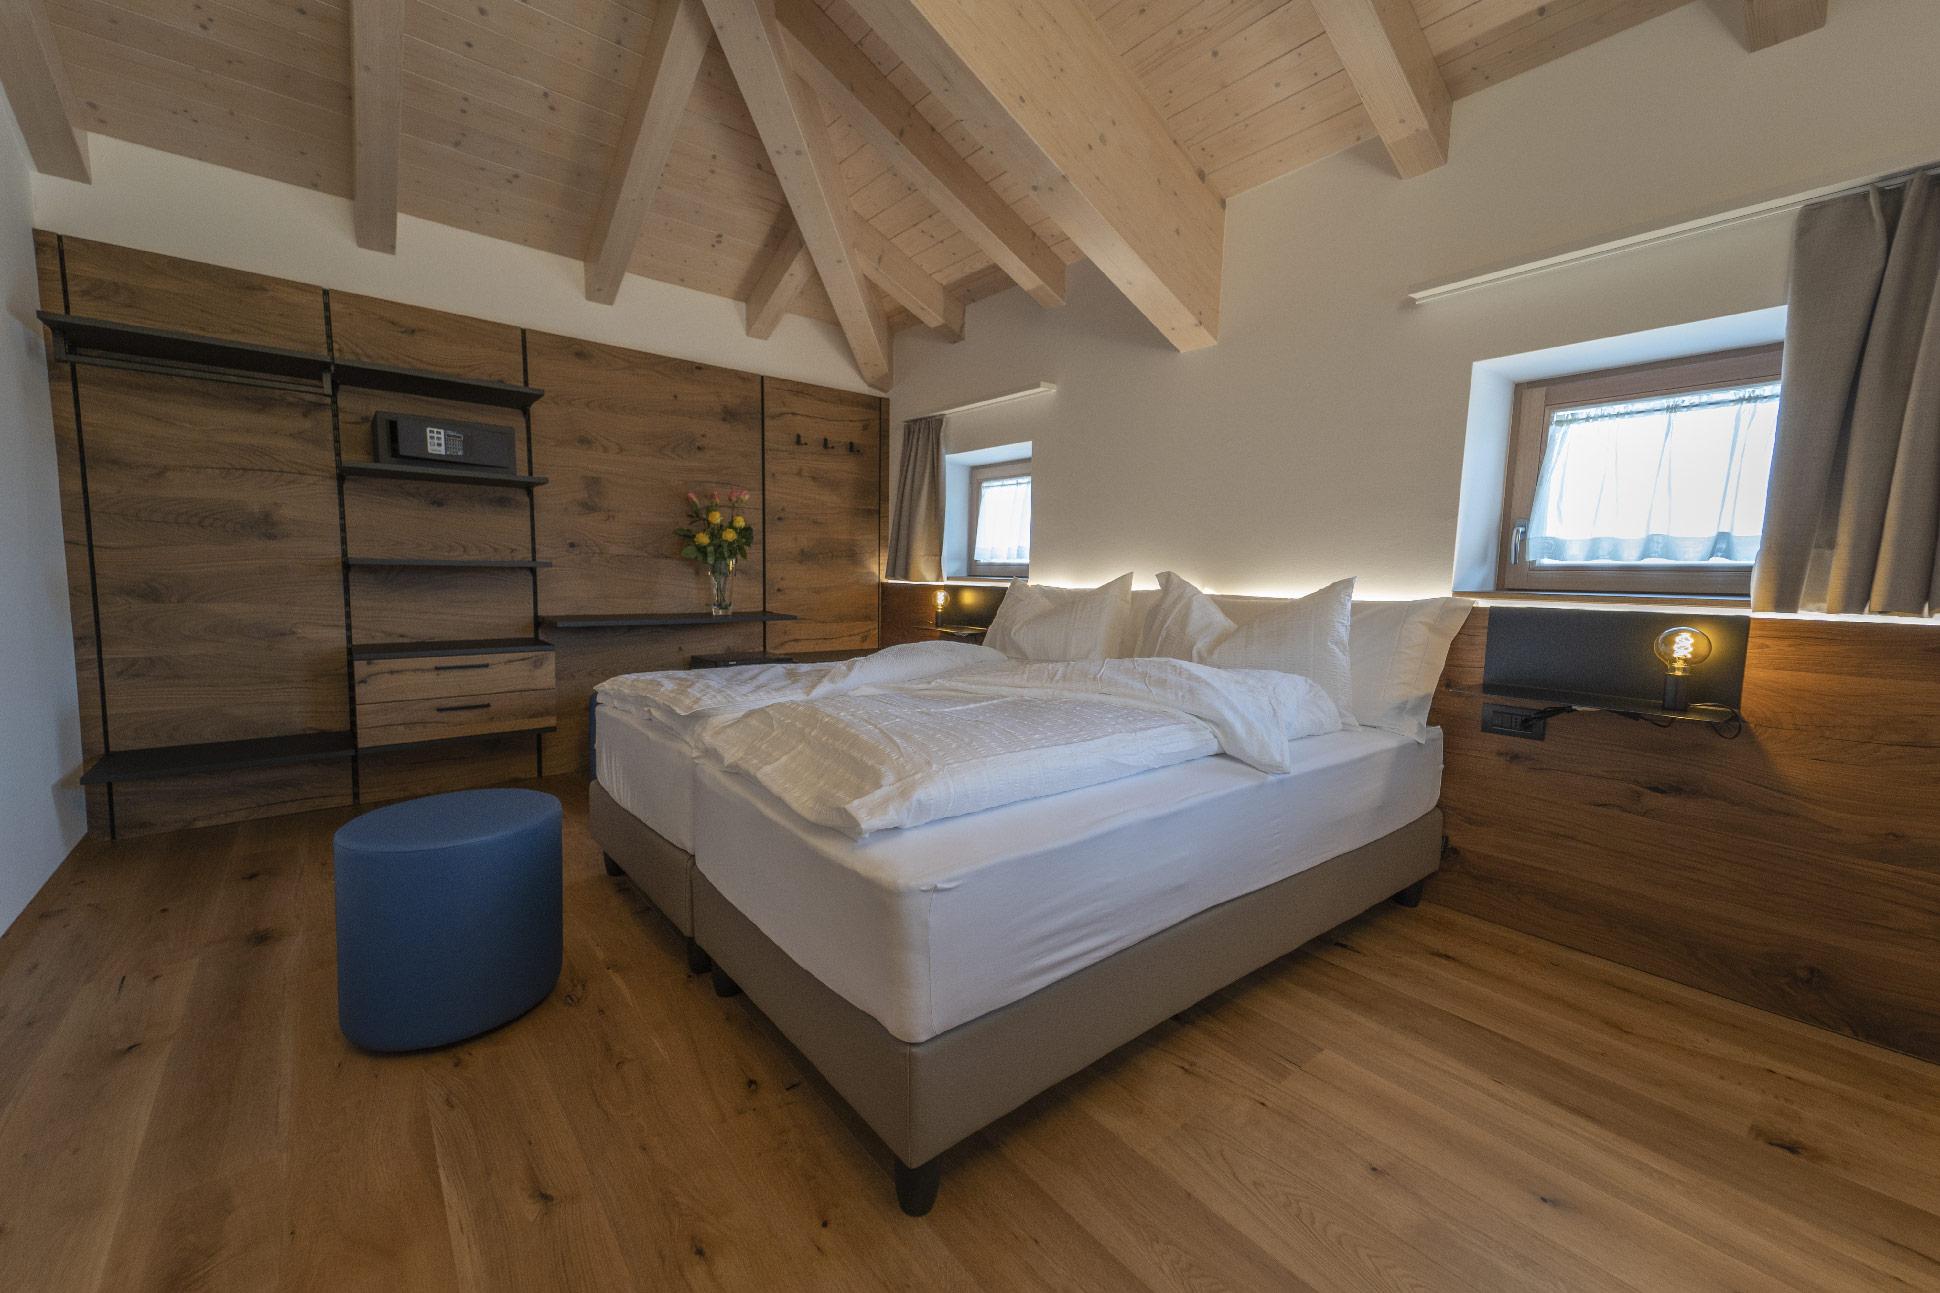 Camere moderne e accoglienti all'Agritur La Crucola